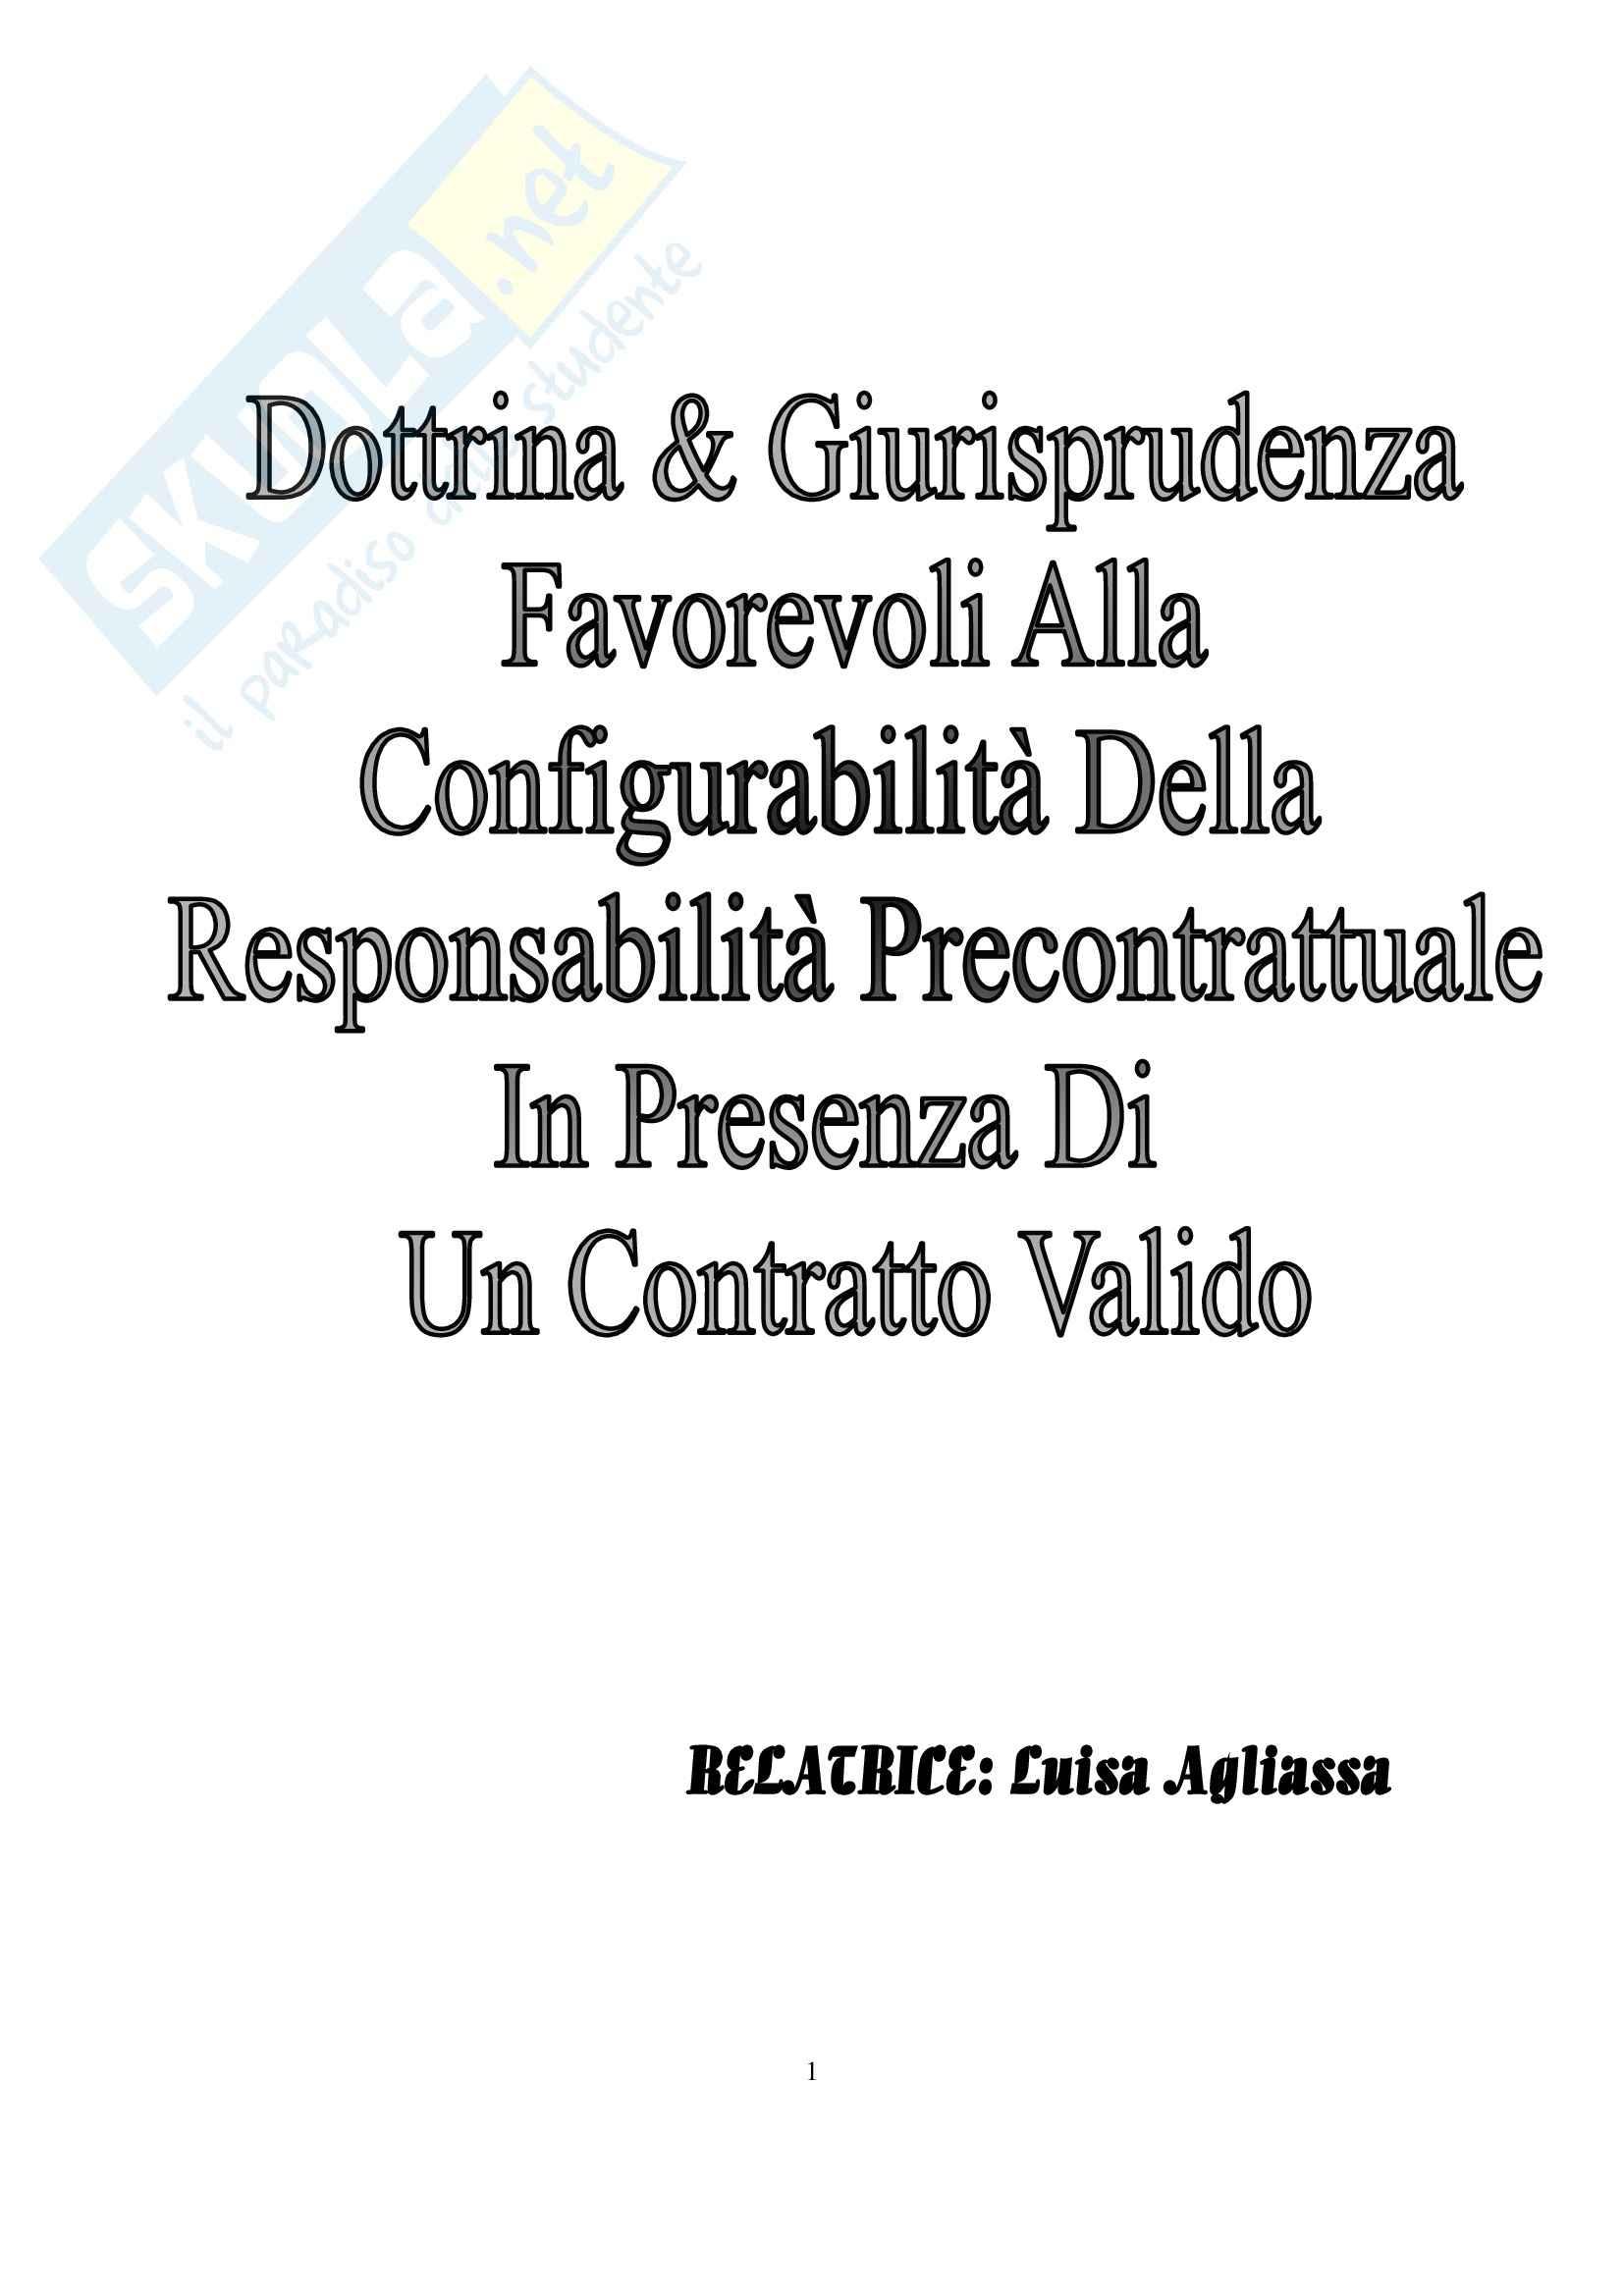 Diritto Civile - configurabilità della responsabilità precontrattuale in presenza di un contratto validamente concluso